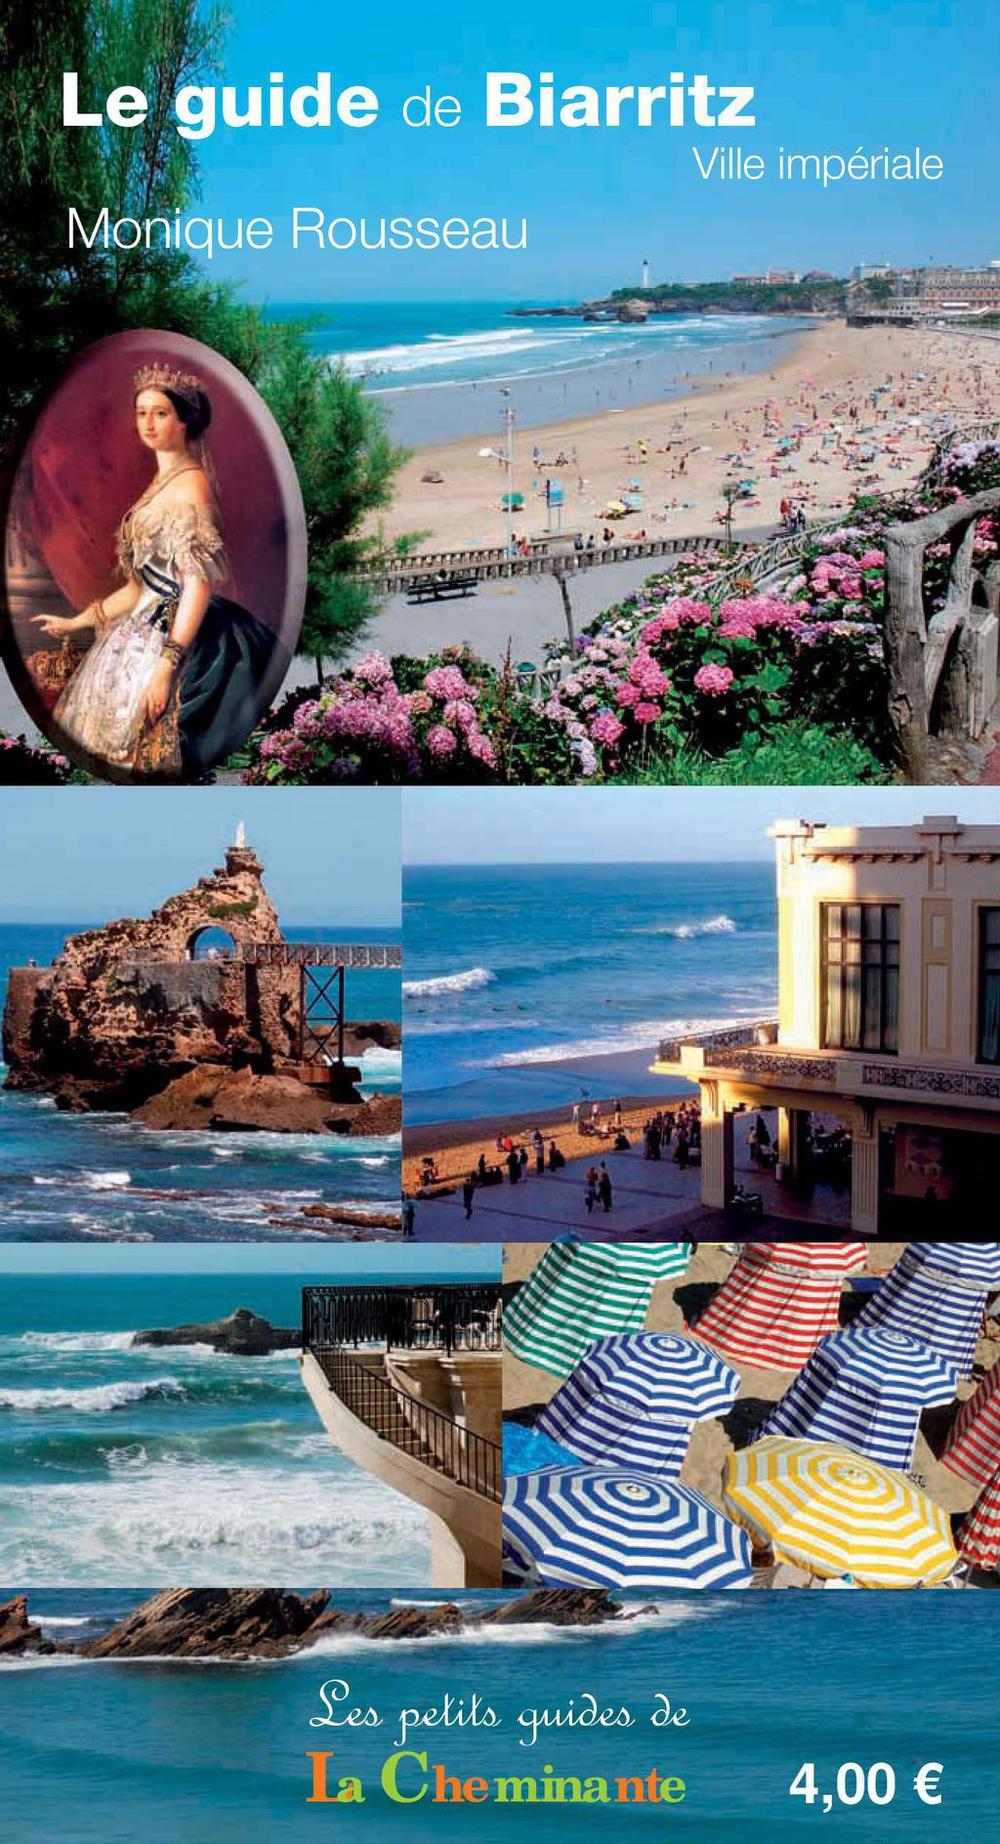 Le guide de Biarritz